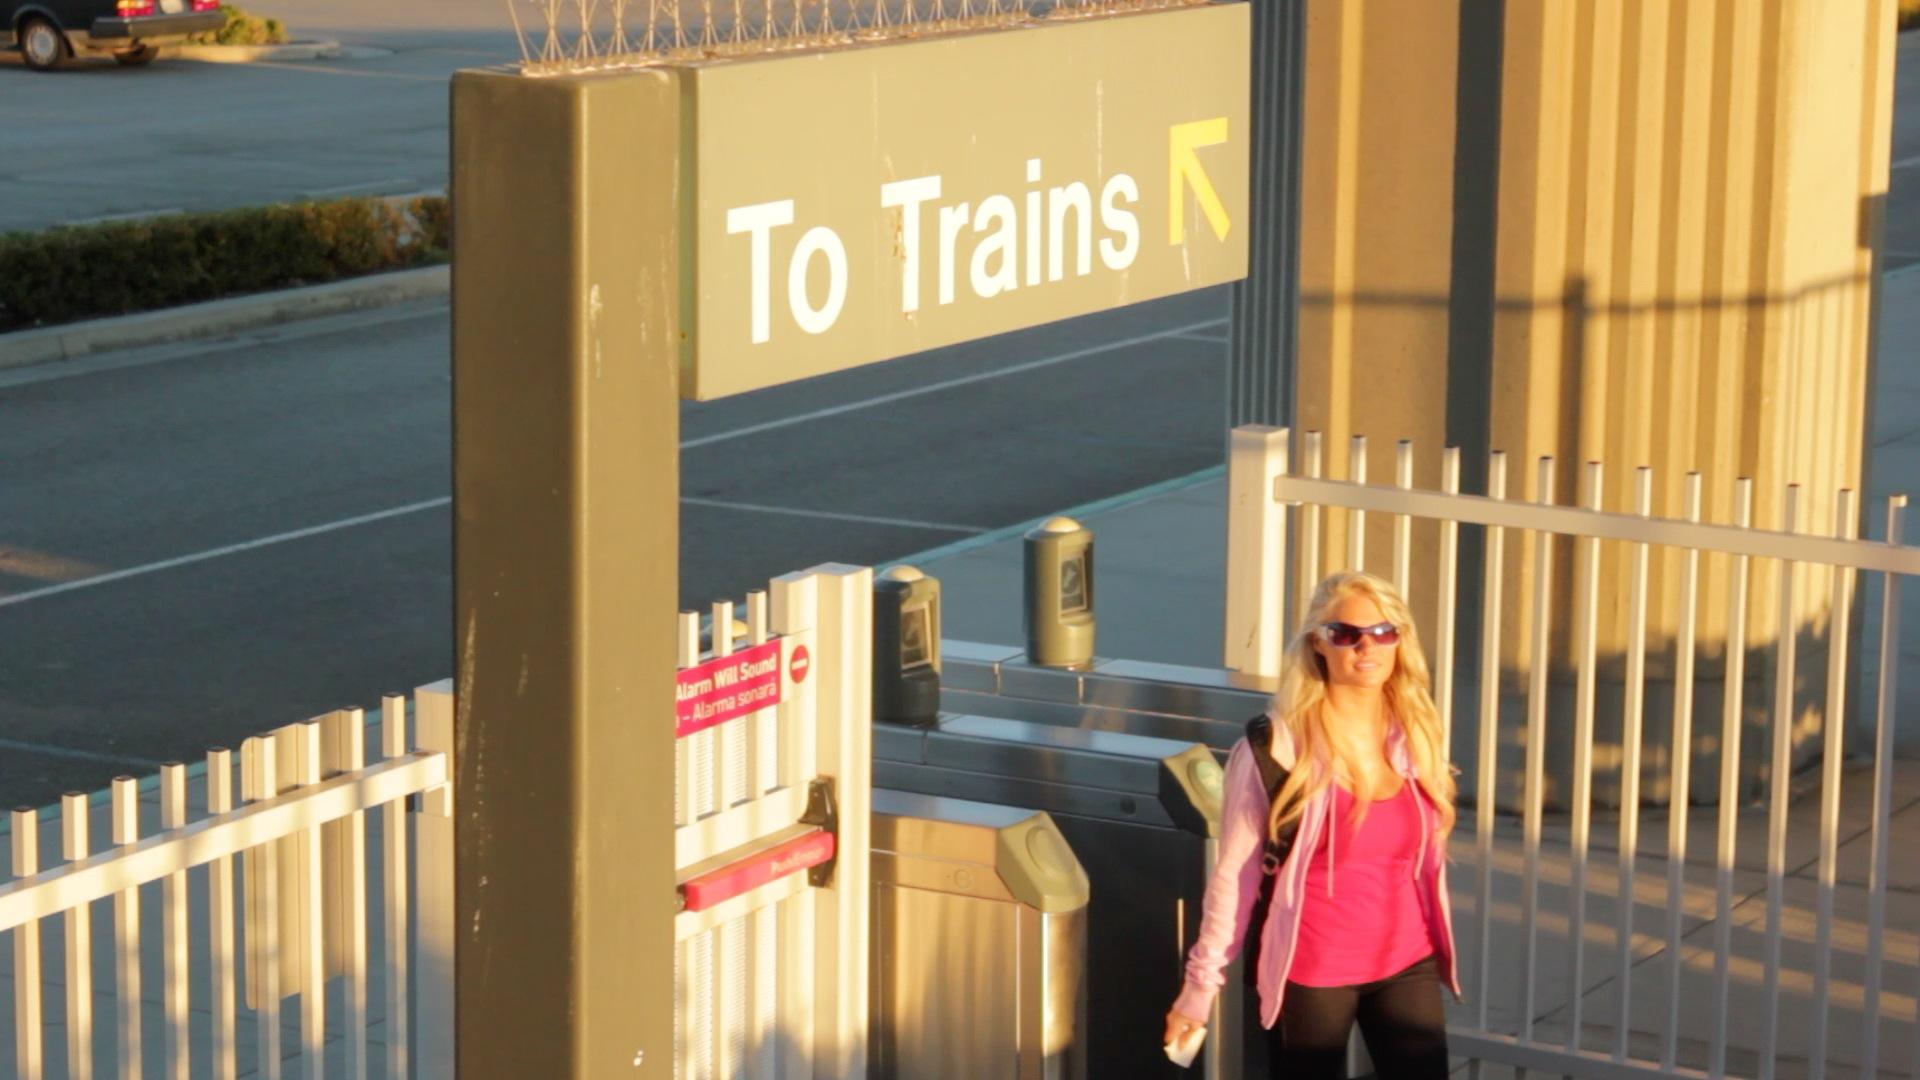 alisha_train2